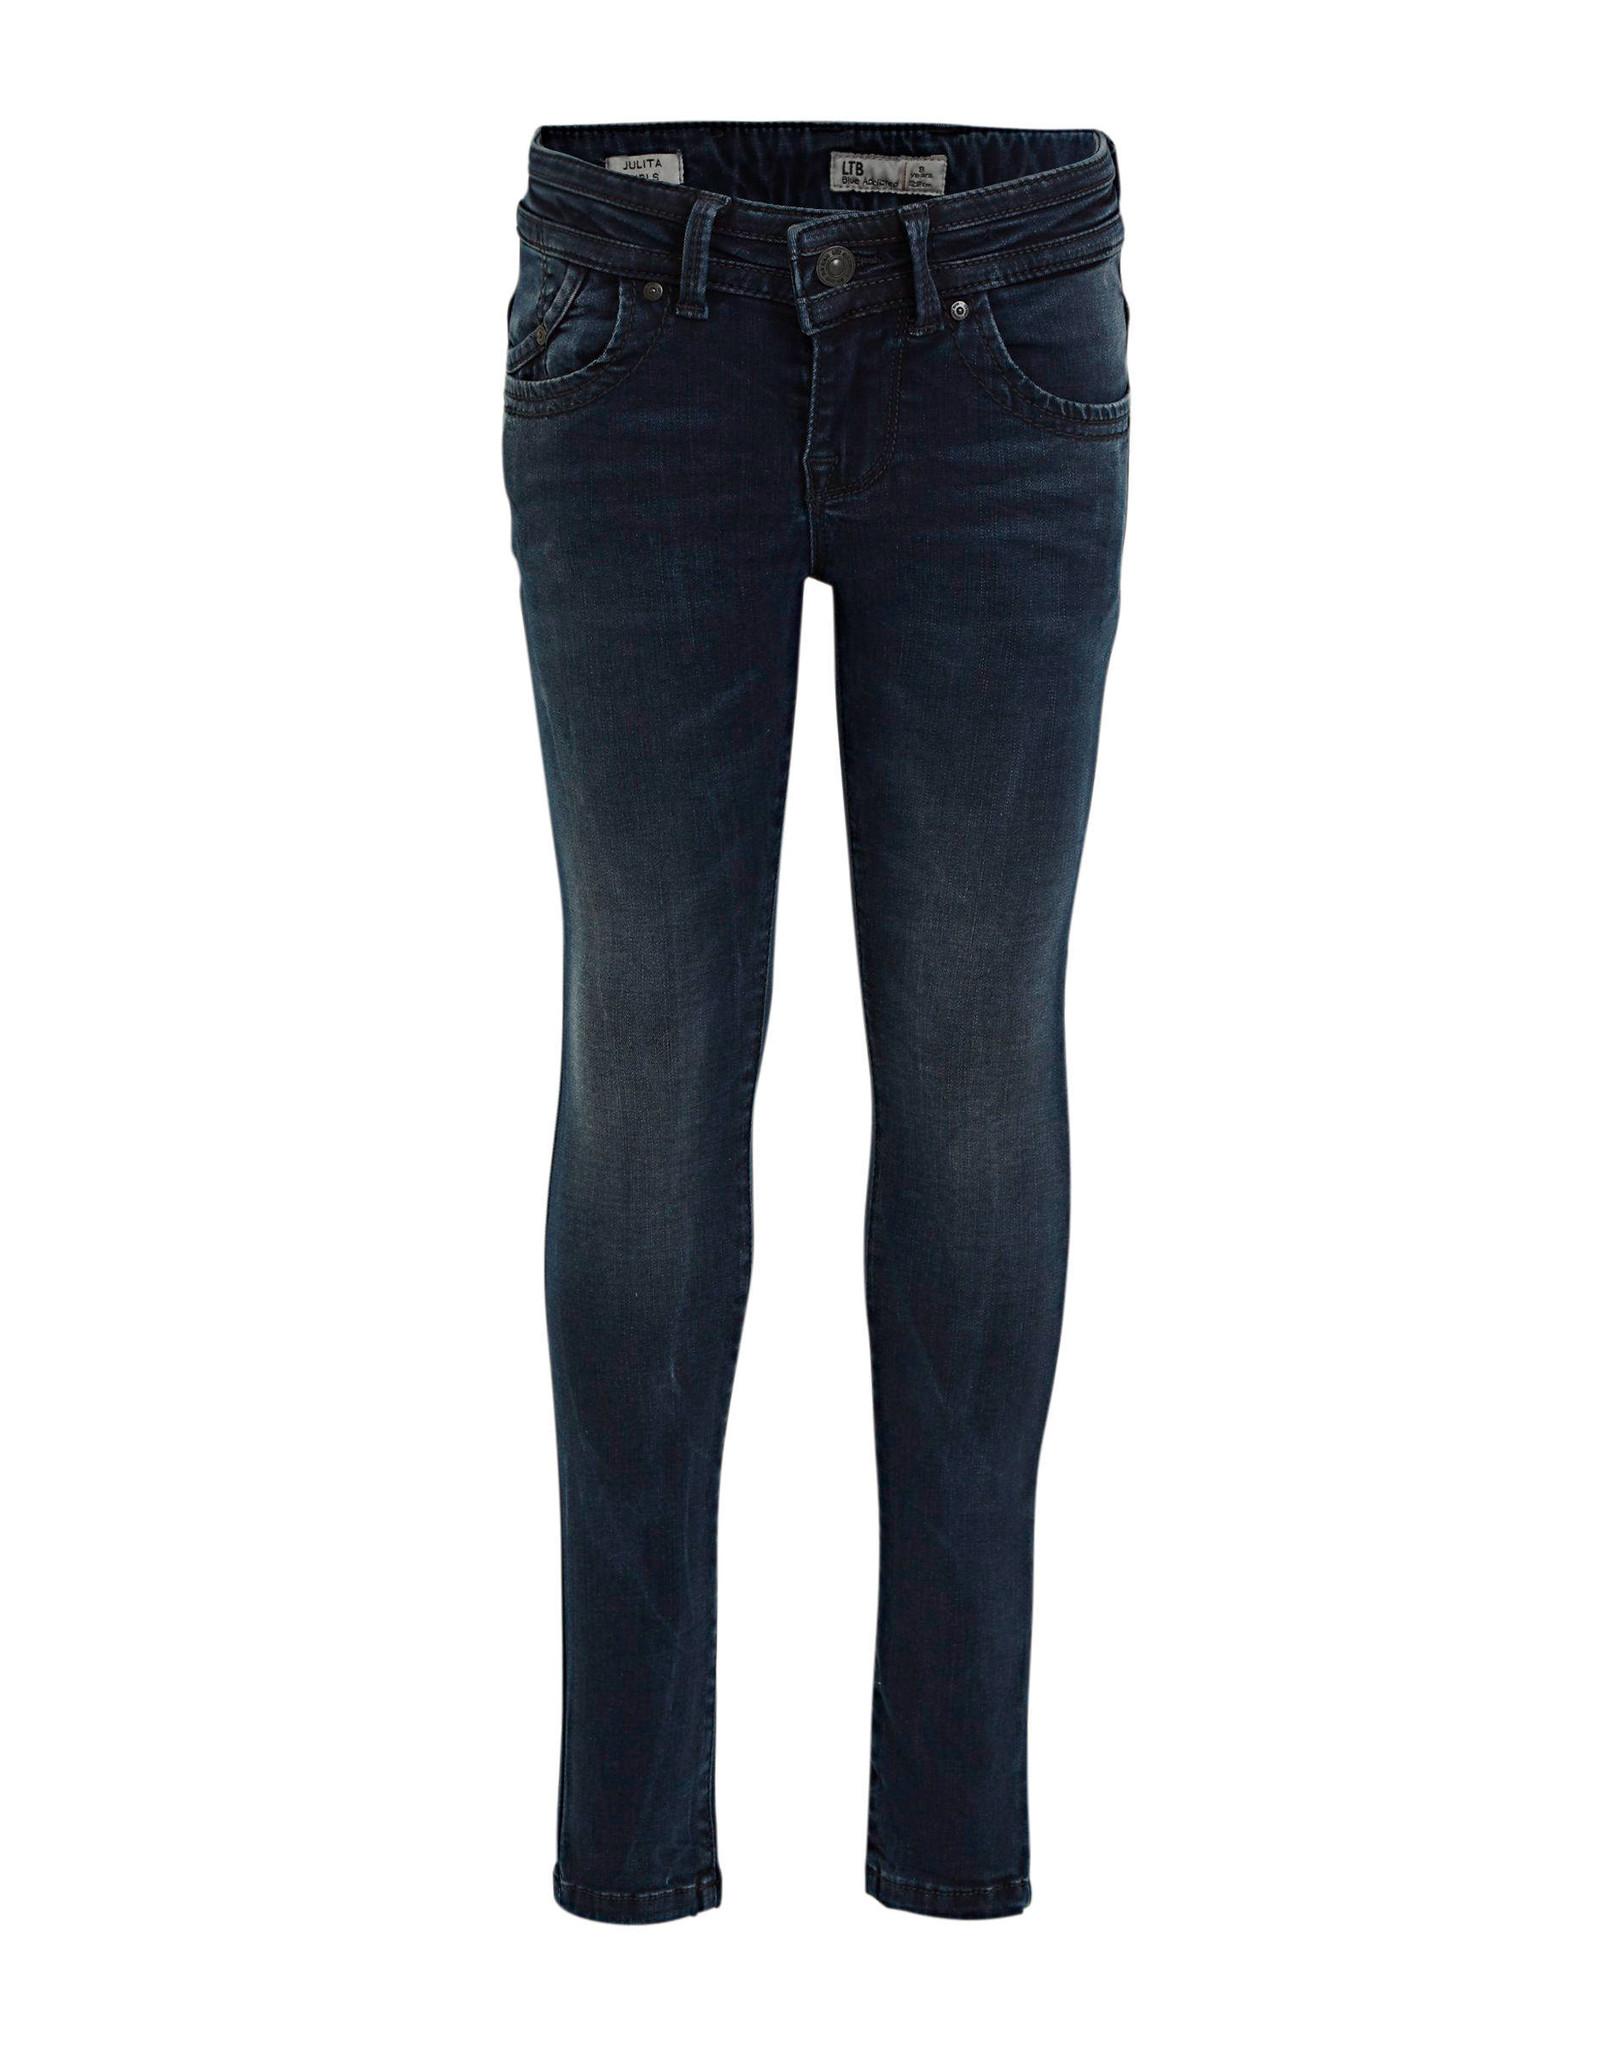 LTB Jeans LTB meisjes jeans Julita Sueta wash